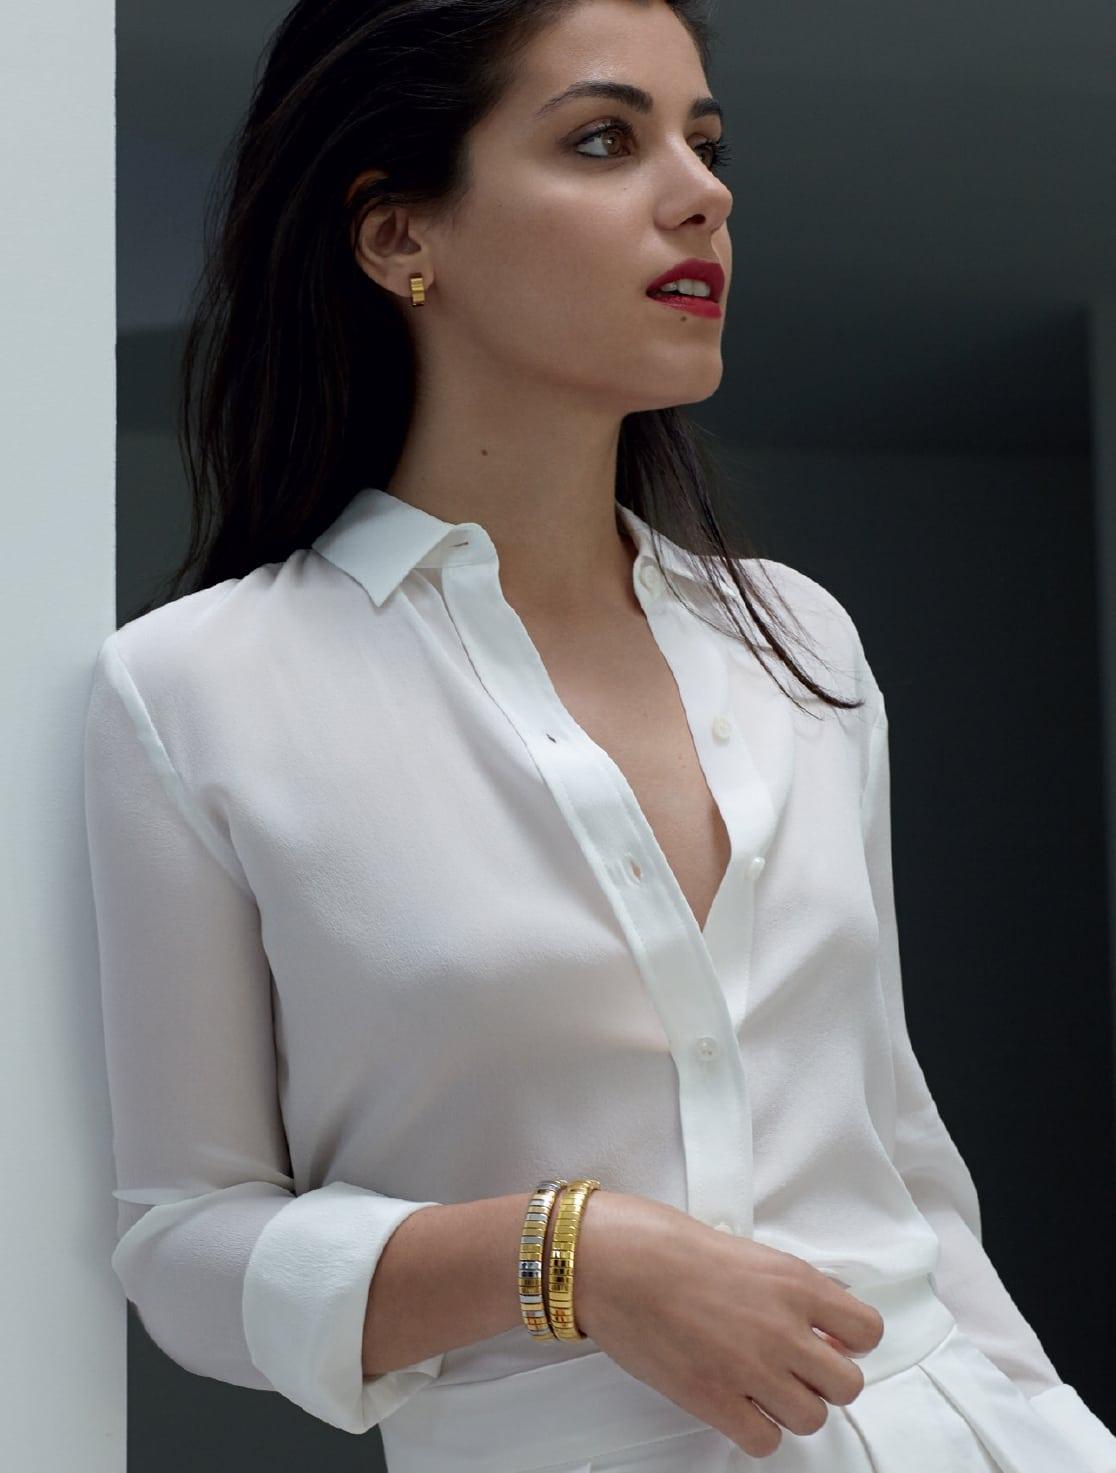 Adriana lima fashion tv profile 8